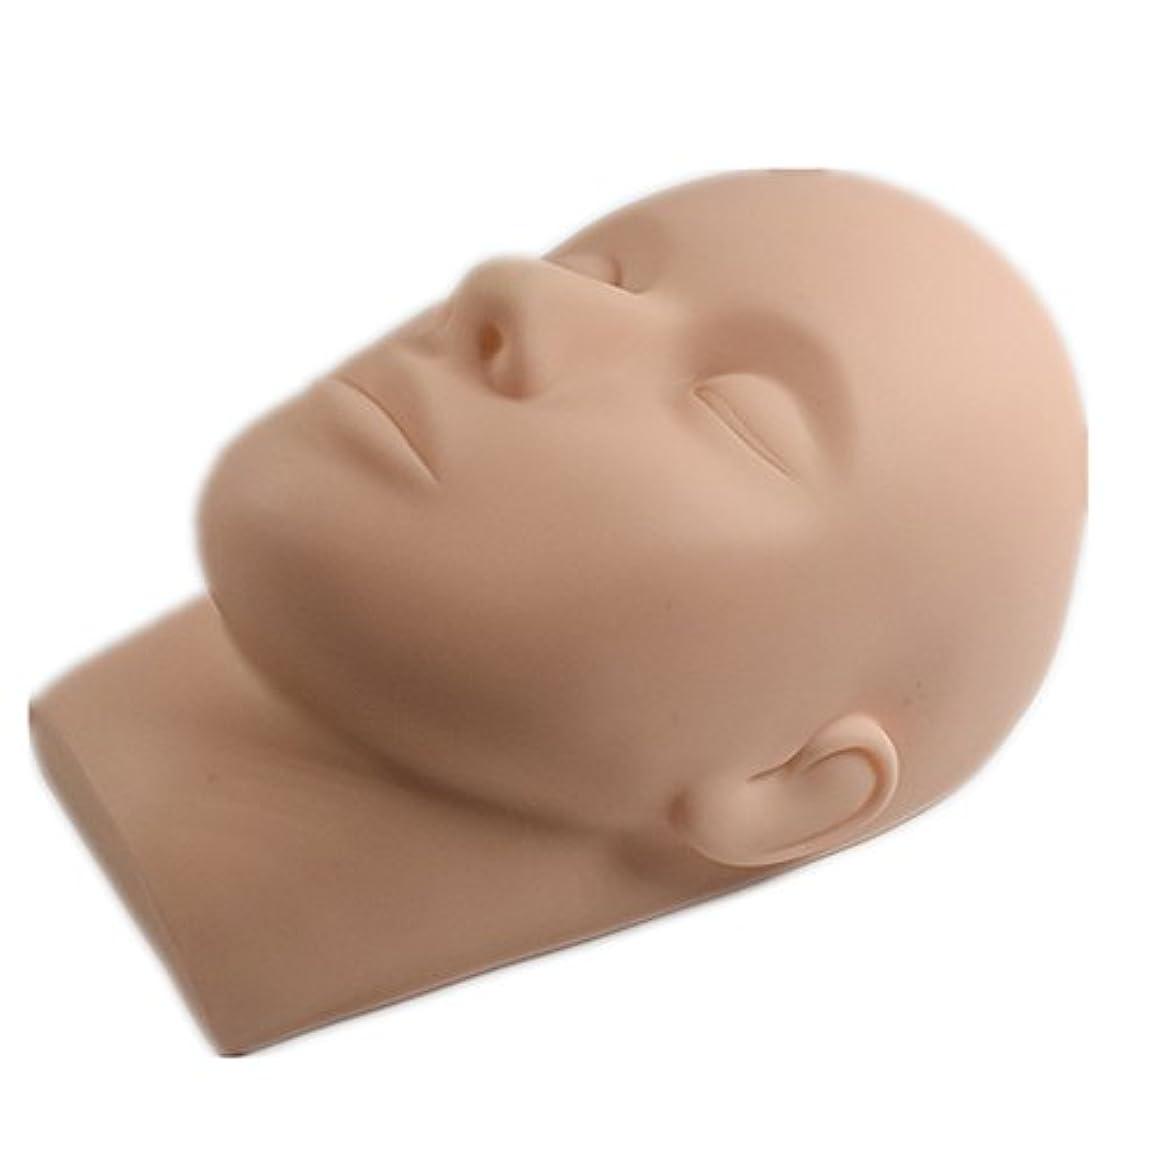 言語タップ人形エクステ施術トレーニング用マネキンヘッド フェイスマネキン